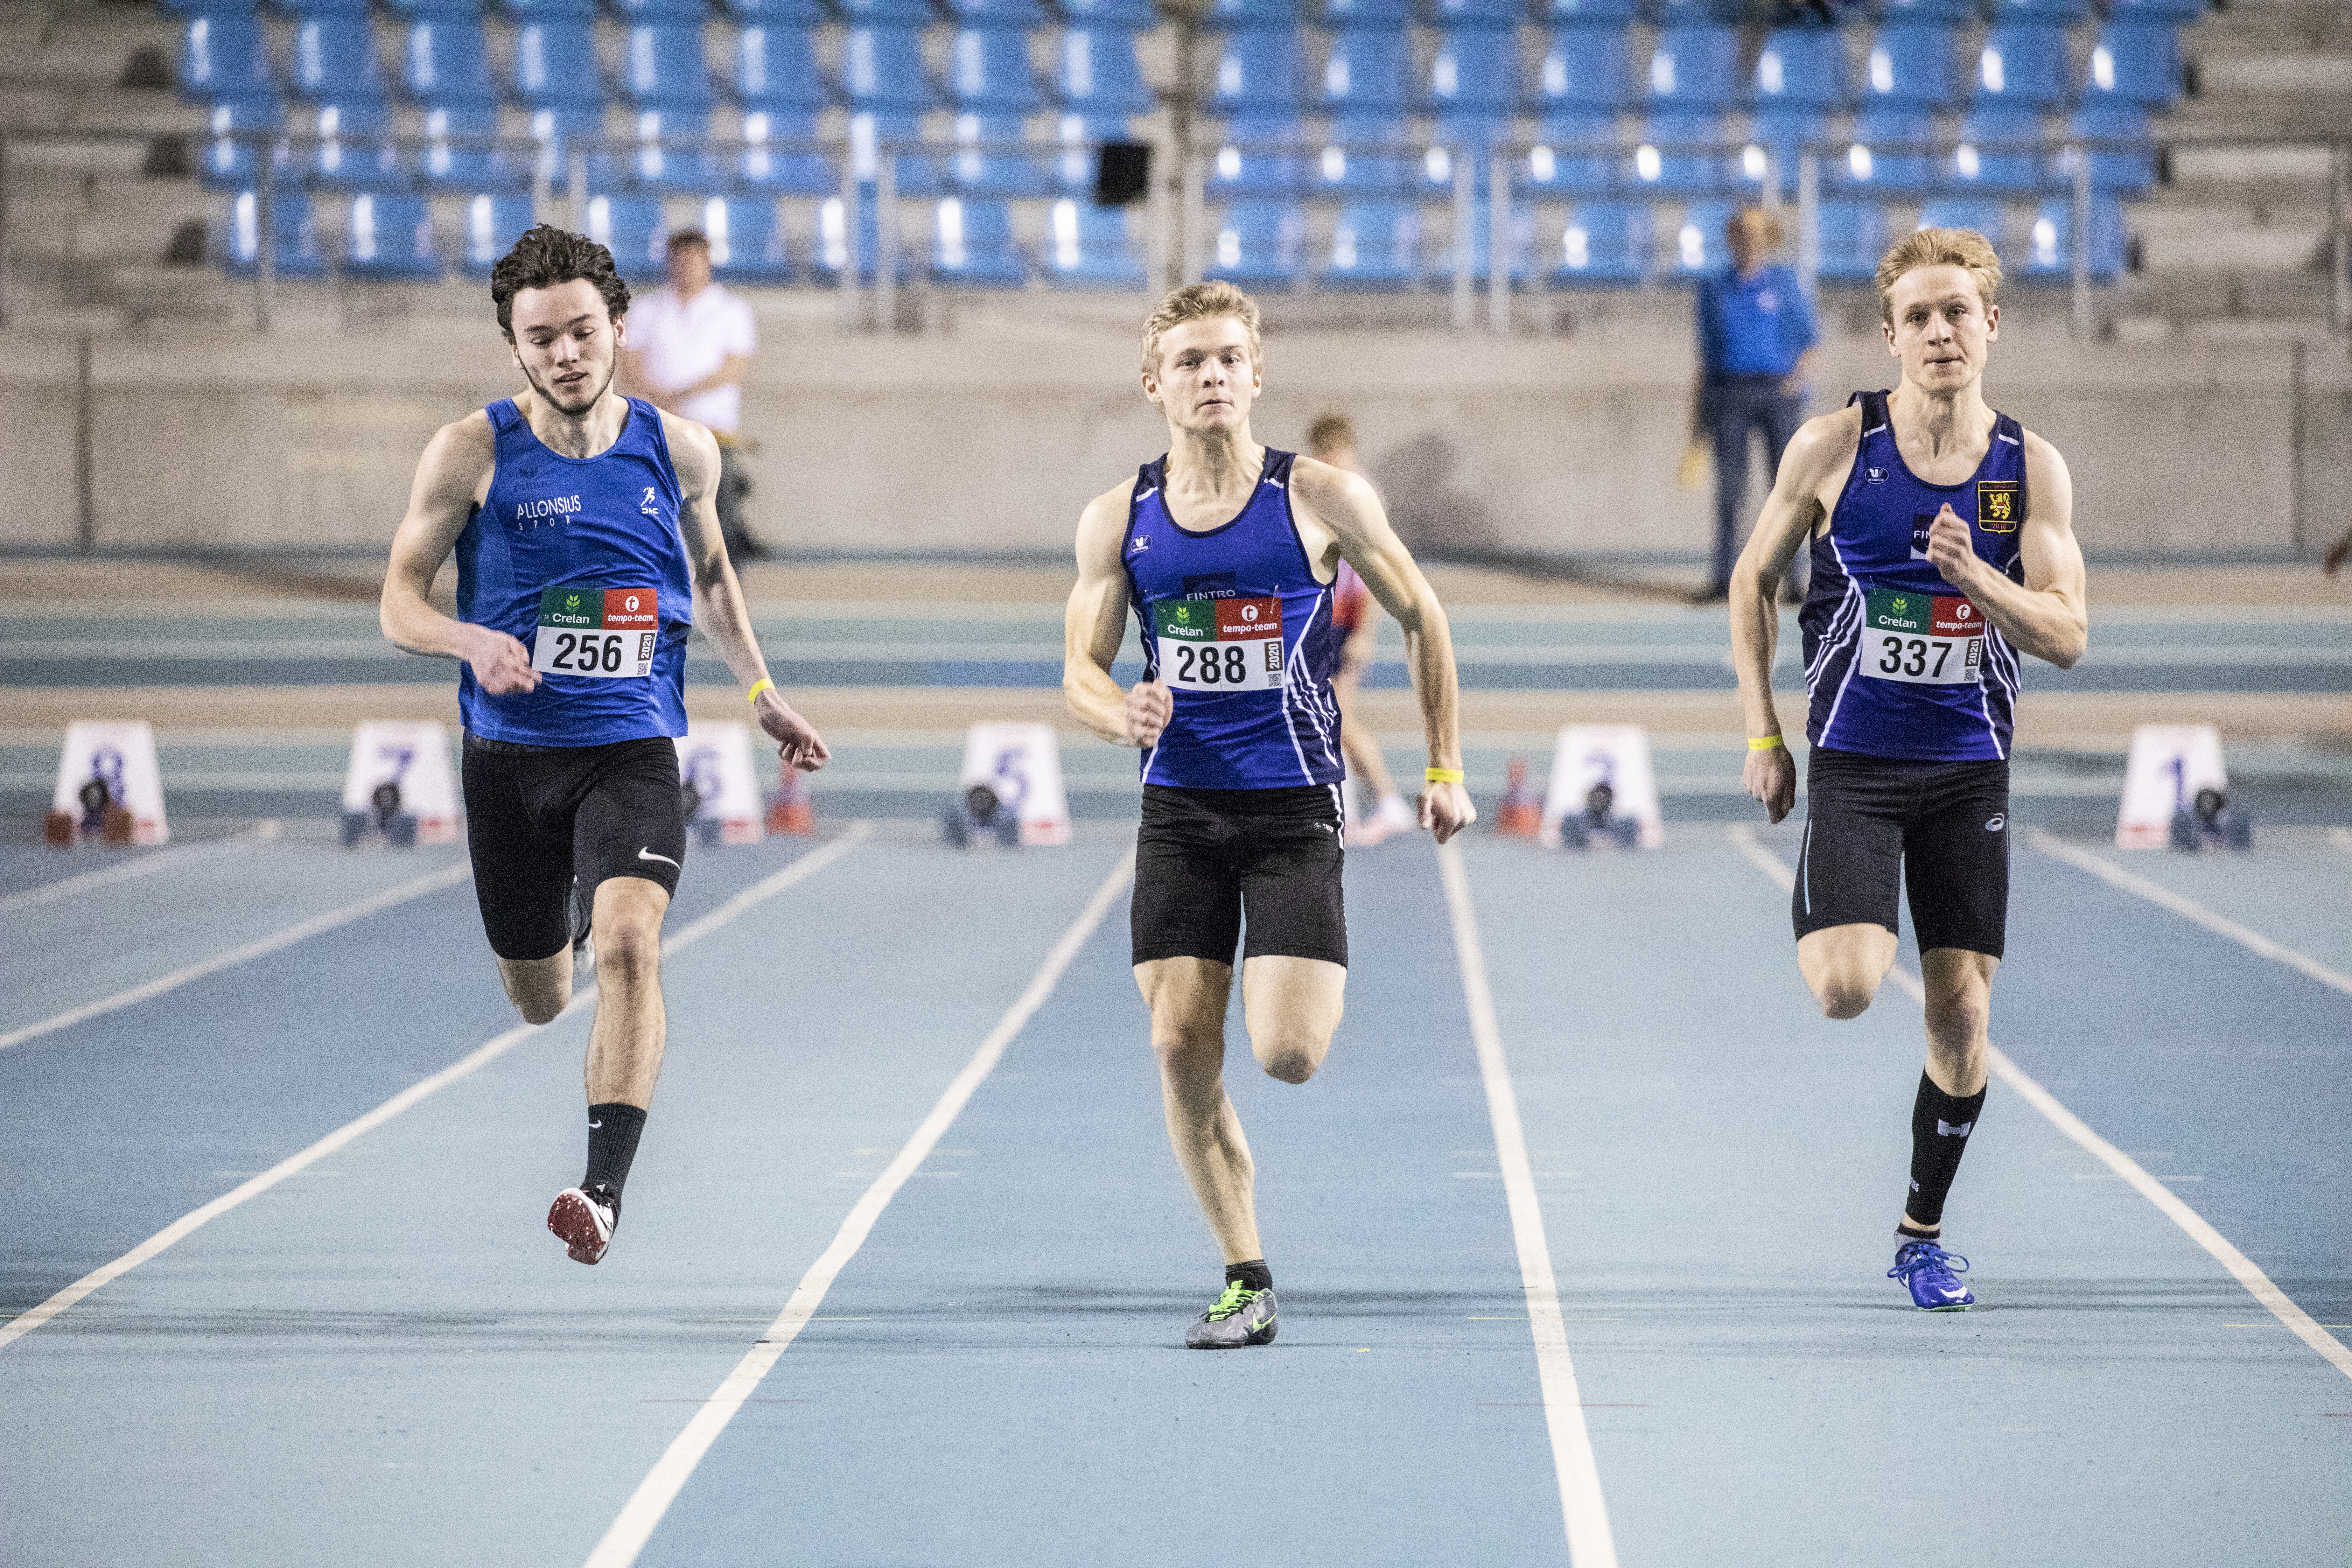 Provinciaal kampioenschap indoor, Gent, 05/01/2020